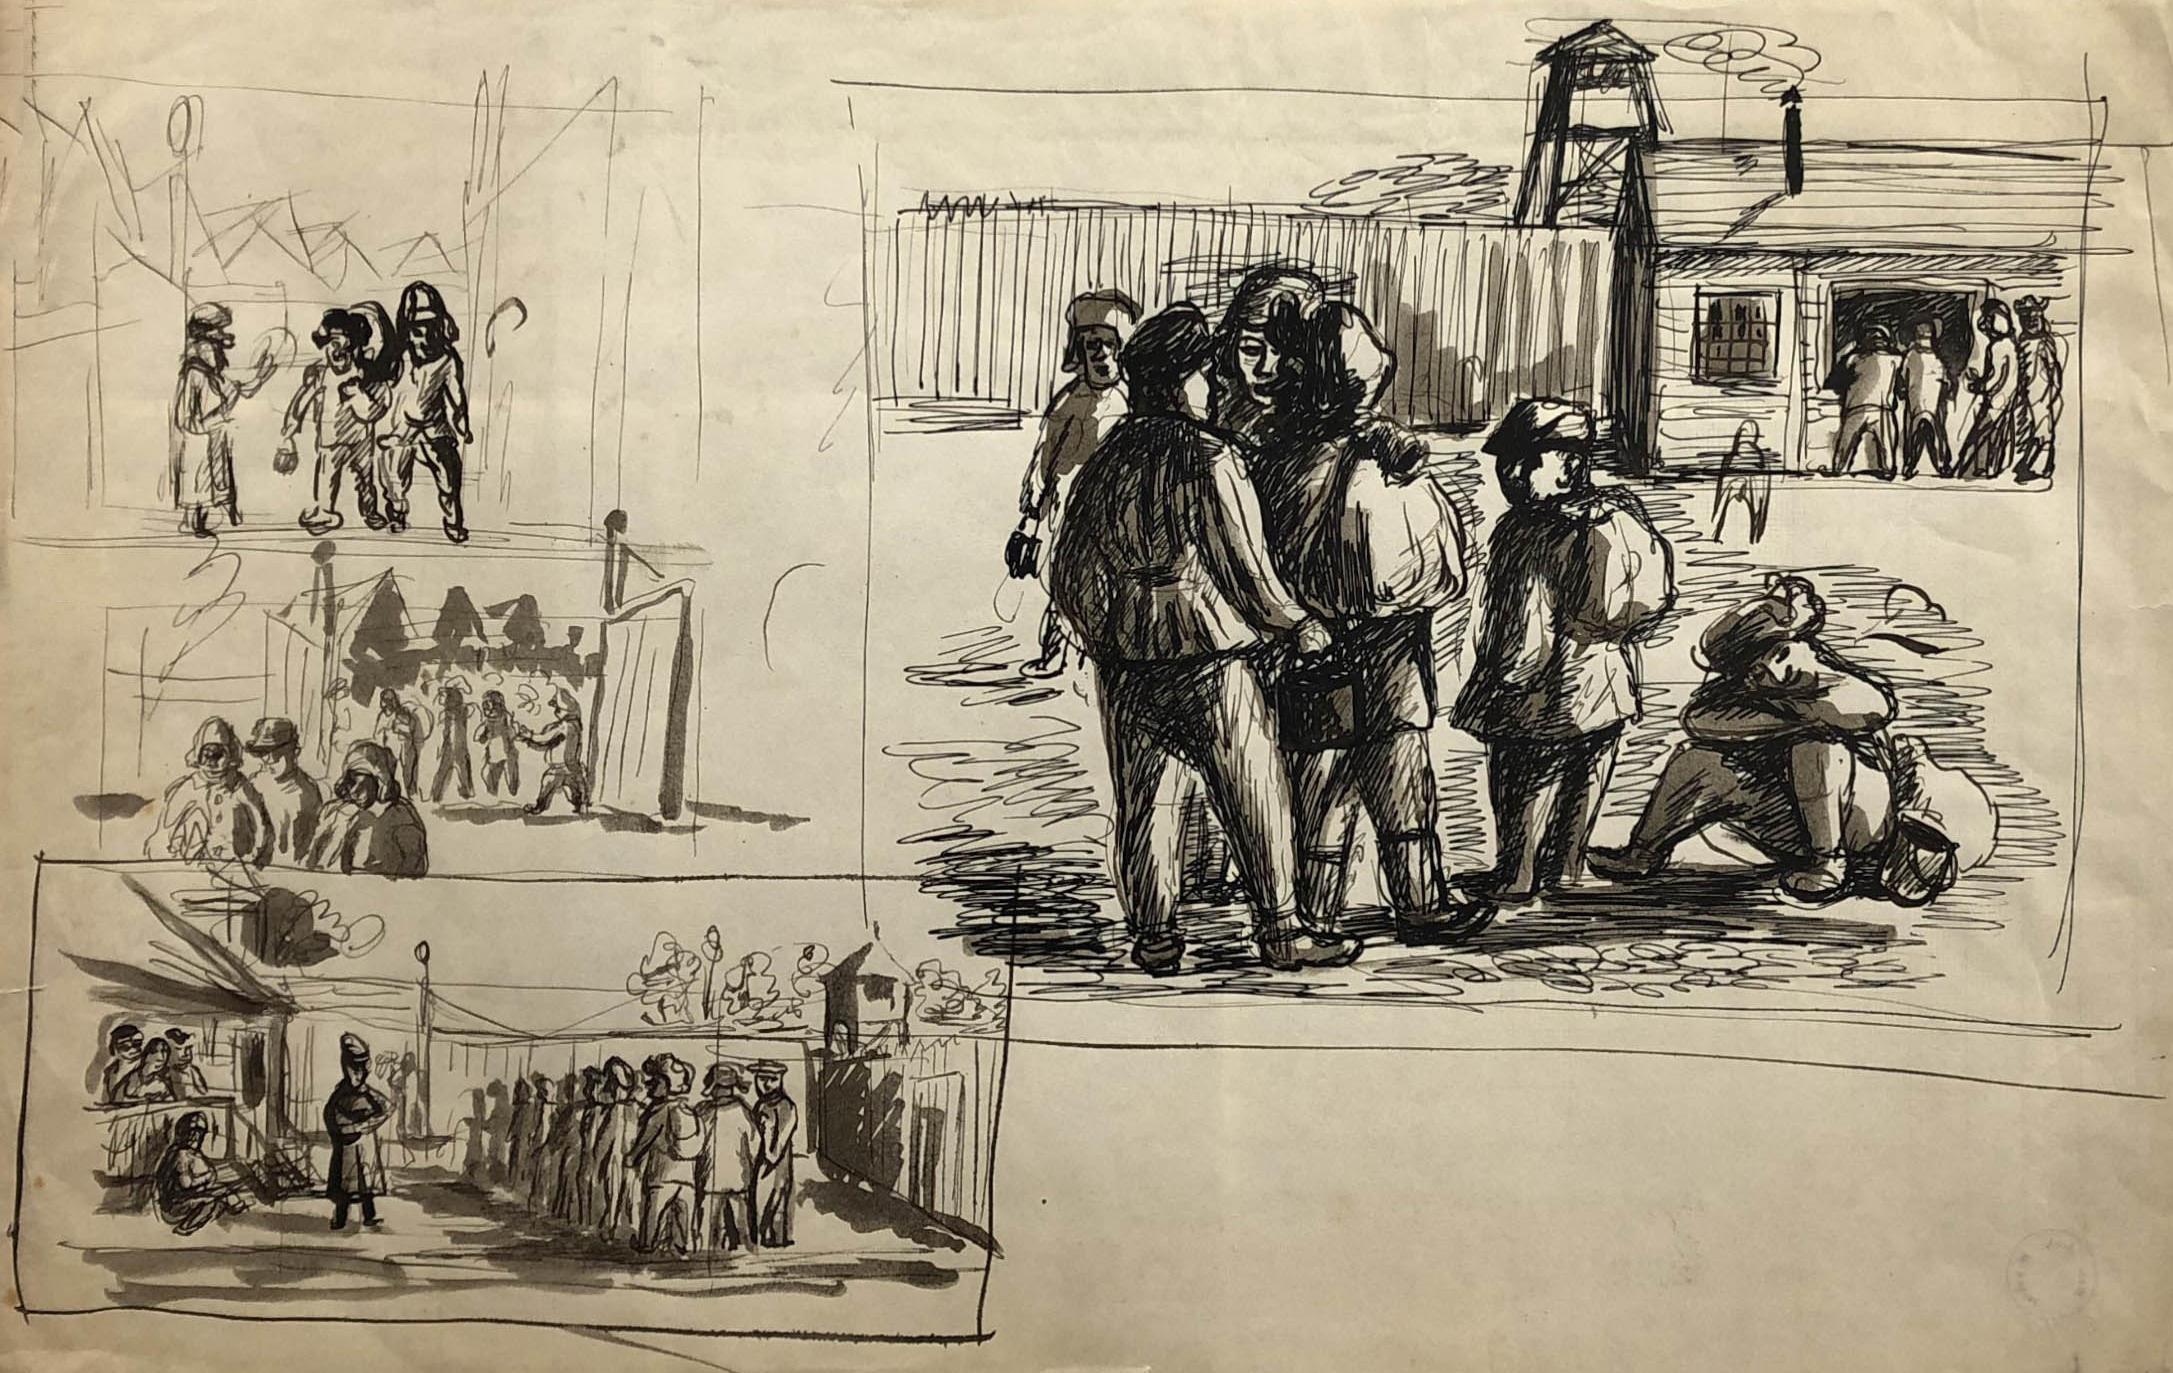 Rysunki przedstawiające codzienność włagrze. Adam Kossowski, rys. piórkiem, praca stworzona wLondynie w1943 roku.